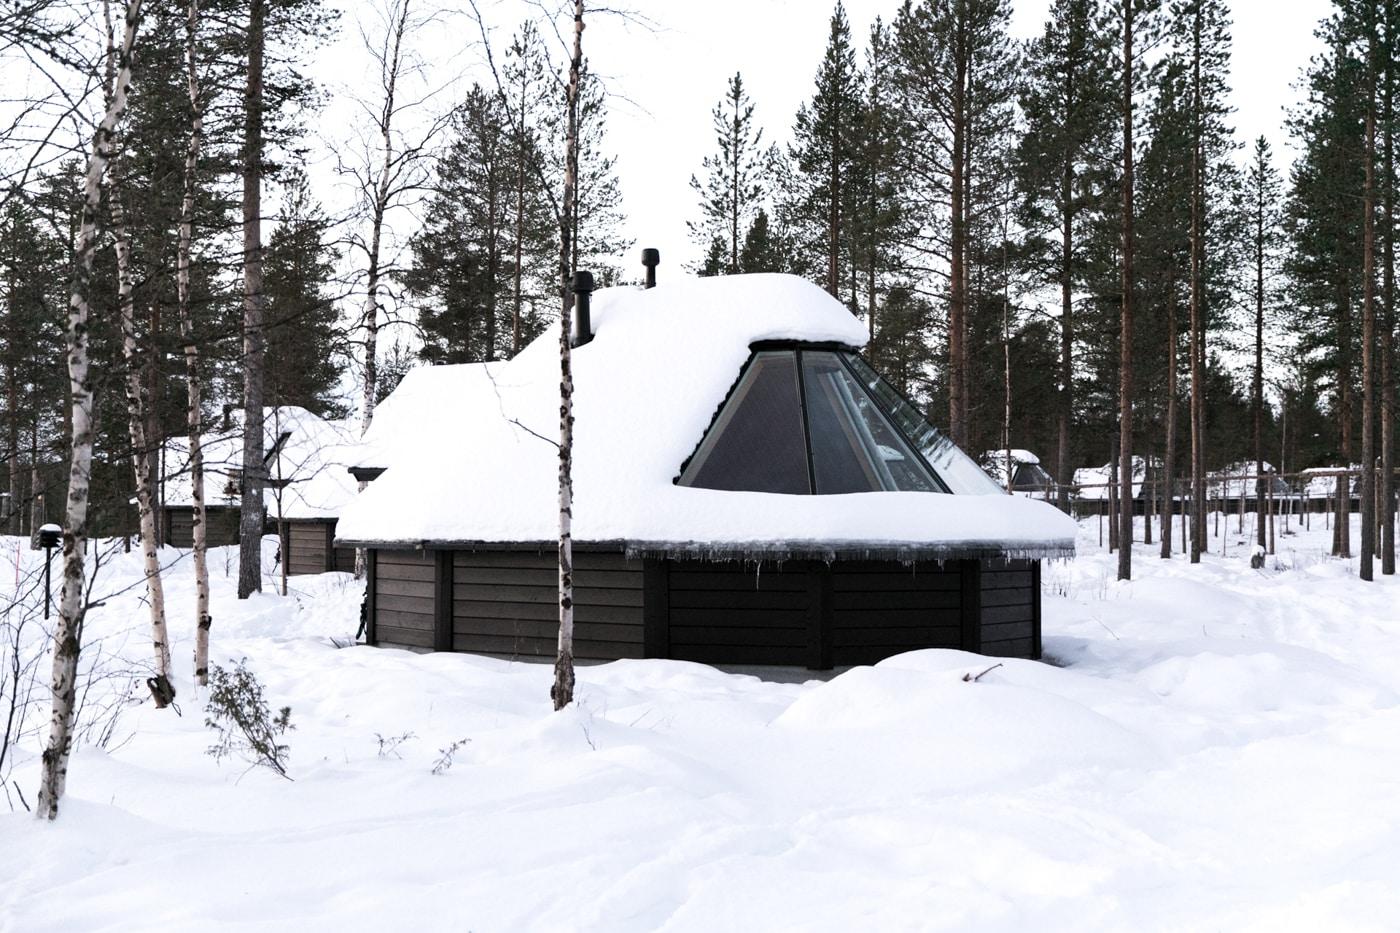 ID5A5470 2 - Récap de notre voyage en Laponie Finlandaise